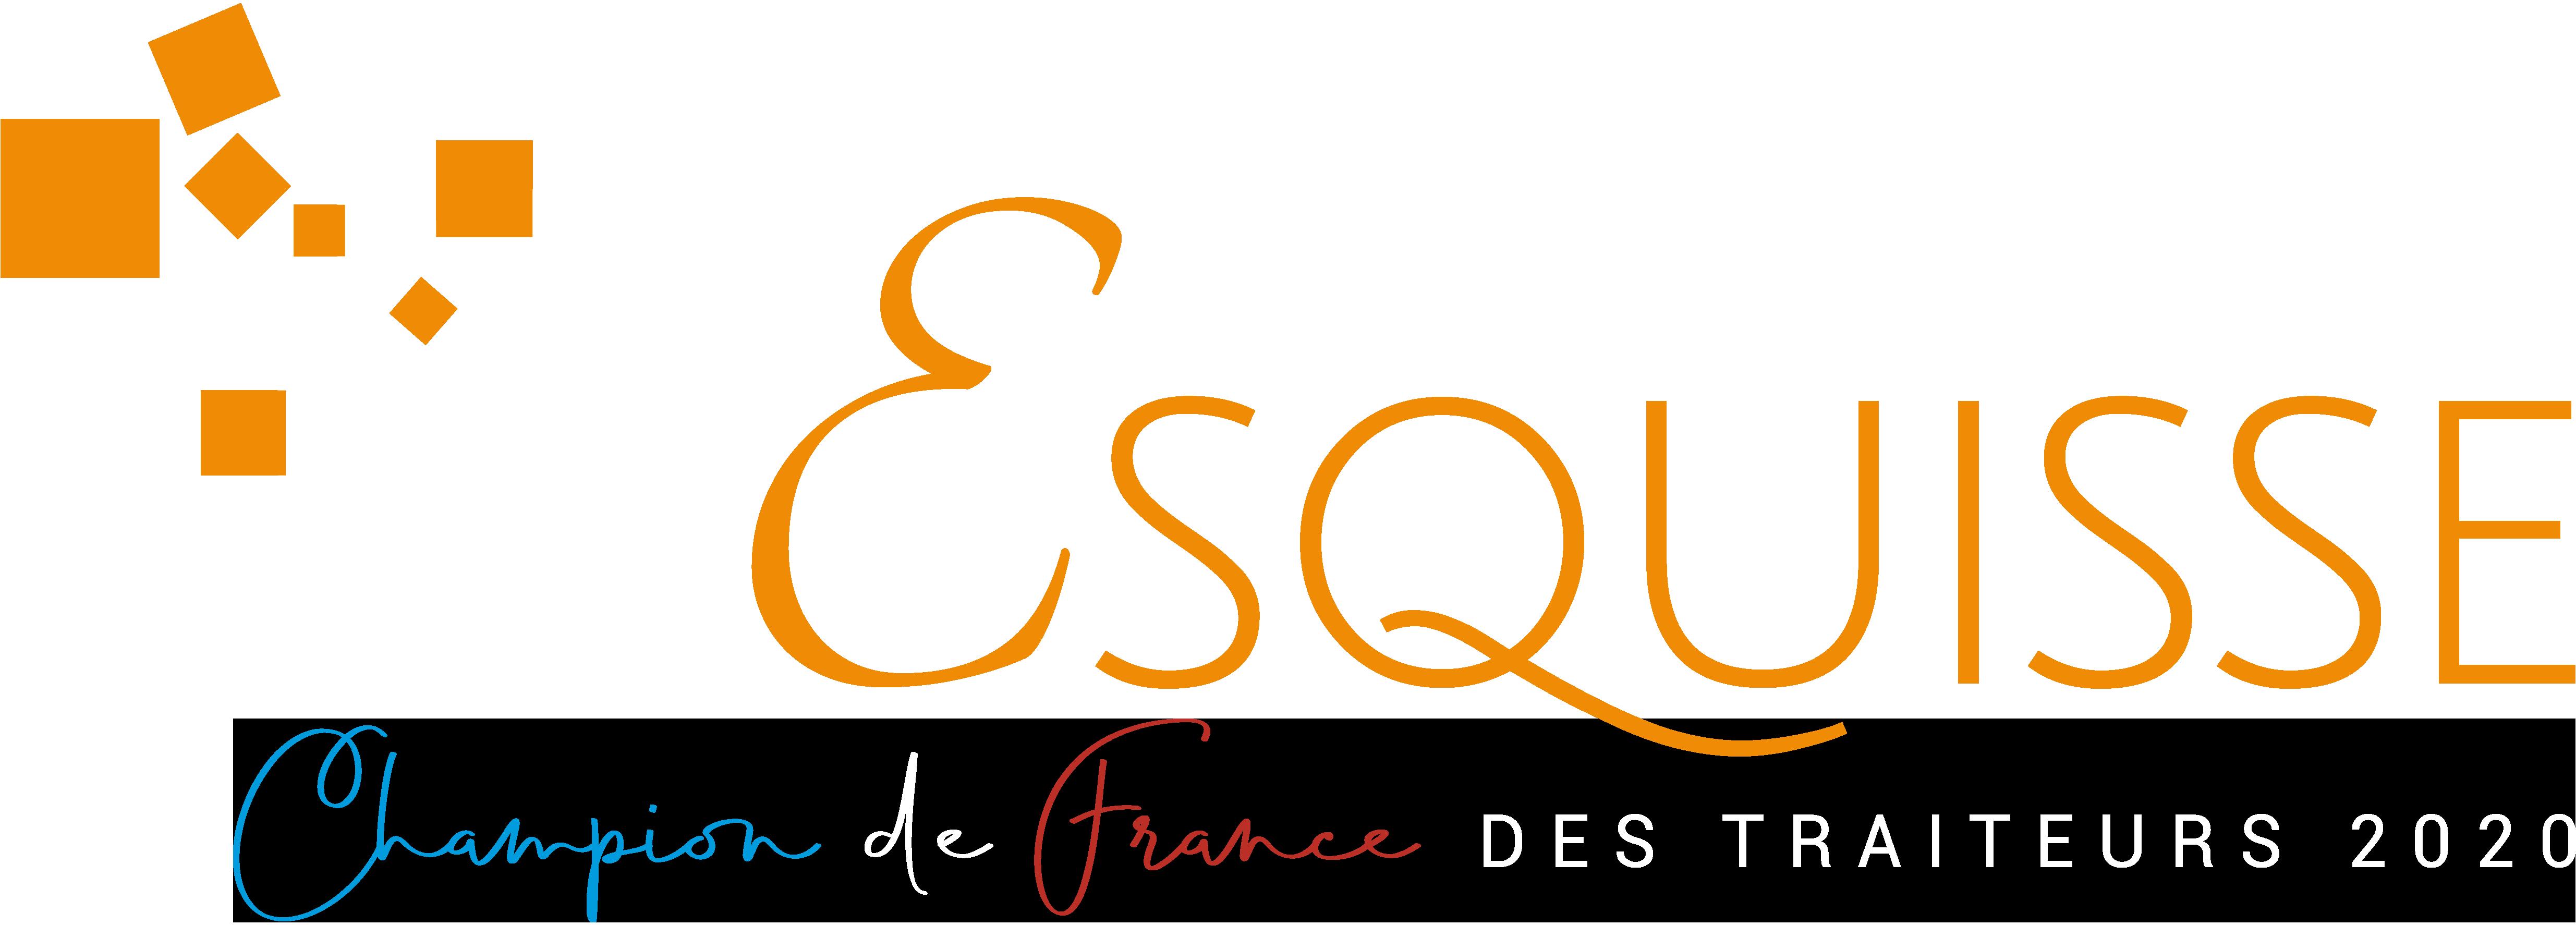 Boutique Esquisse Traiteur